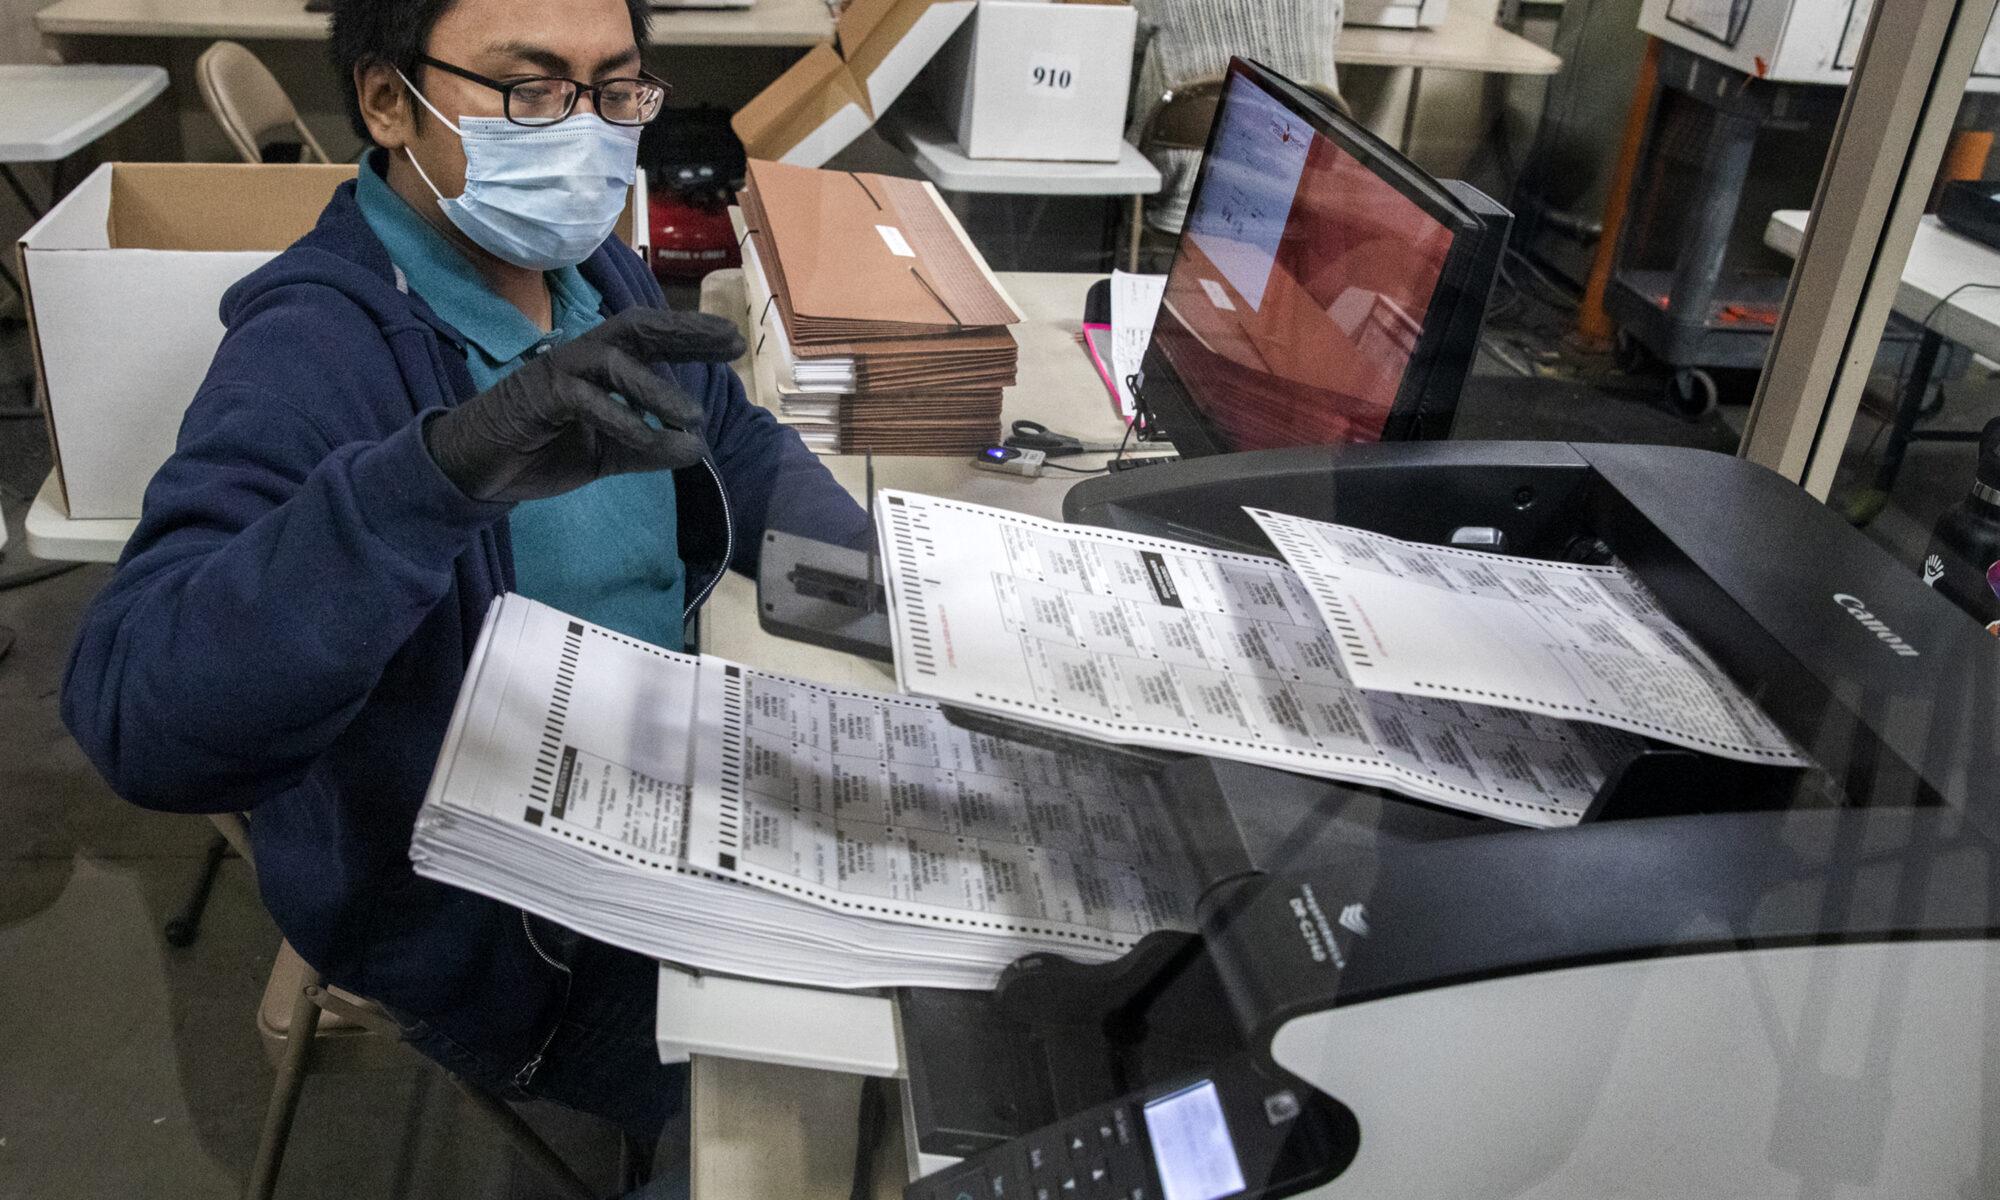 Un hombre con máscara quien transporta boletas pasa frente a observadores